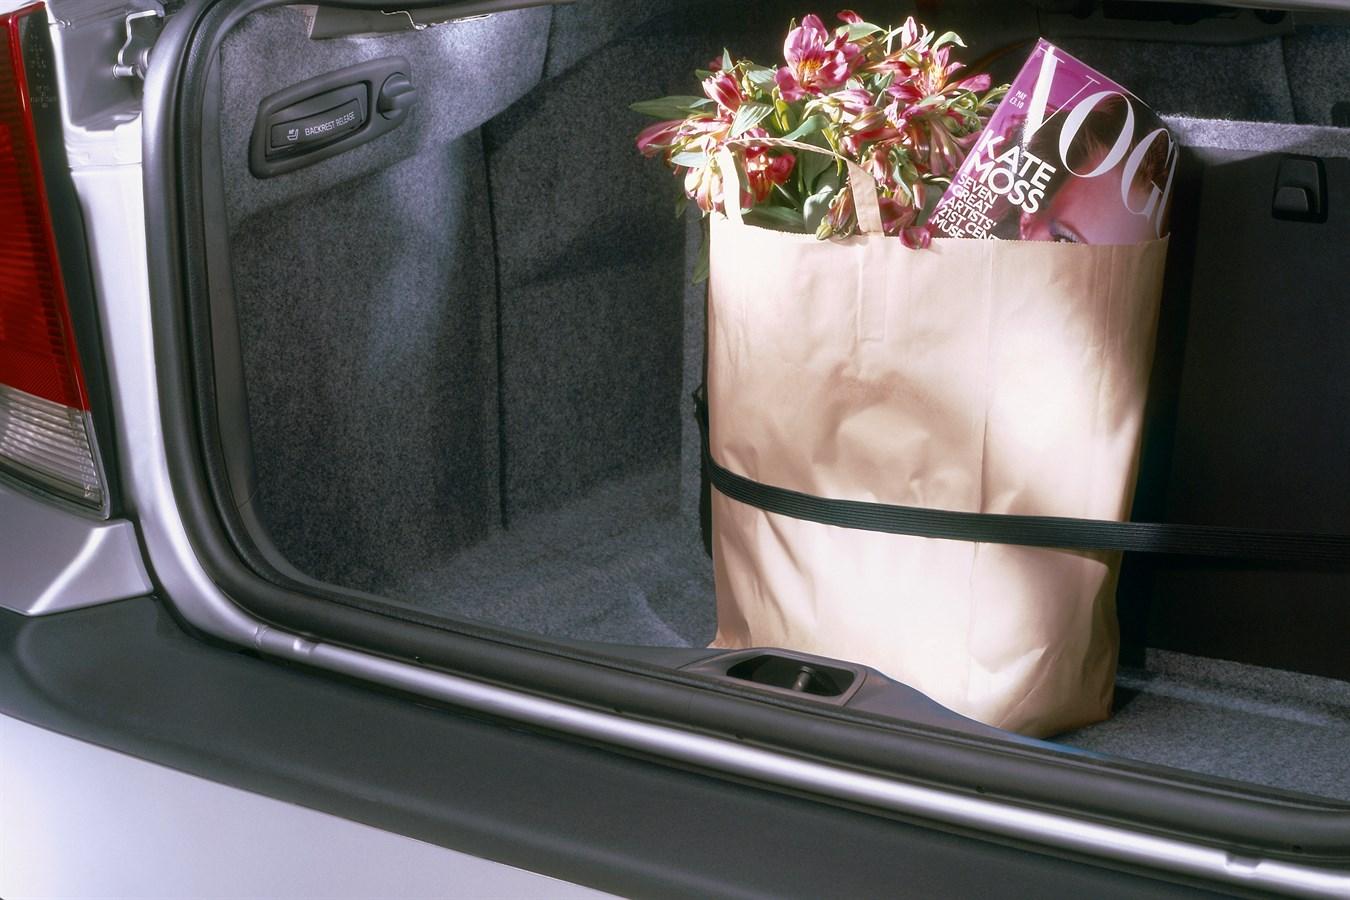 Volvo S60: Loading